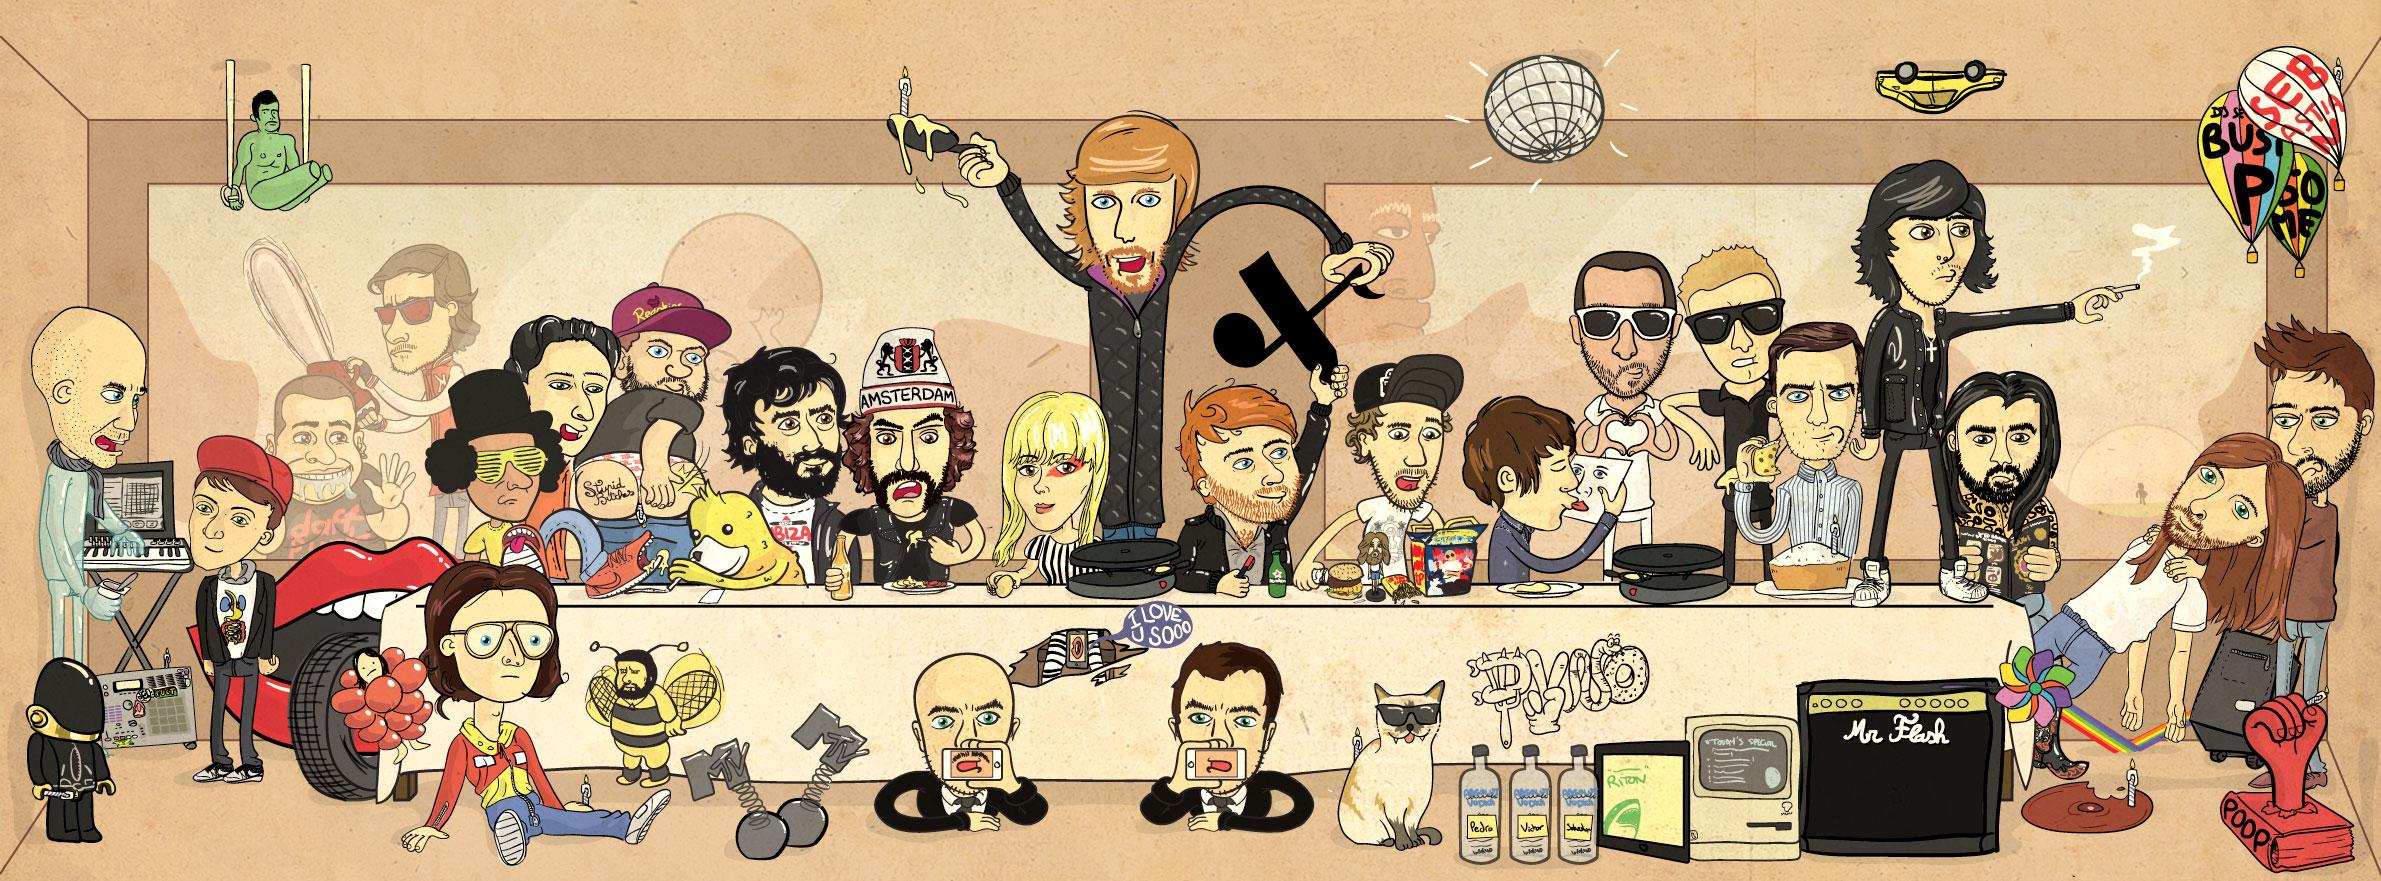 Illustration primée pour les 10 ans du label Ed Banger